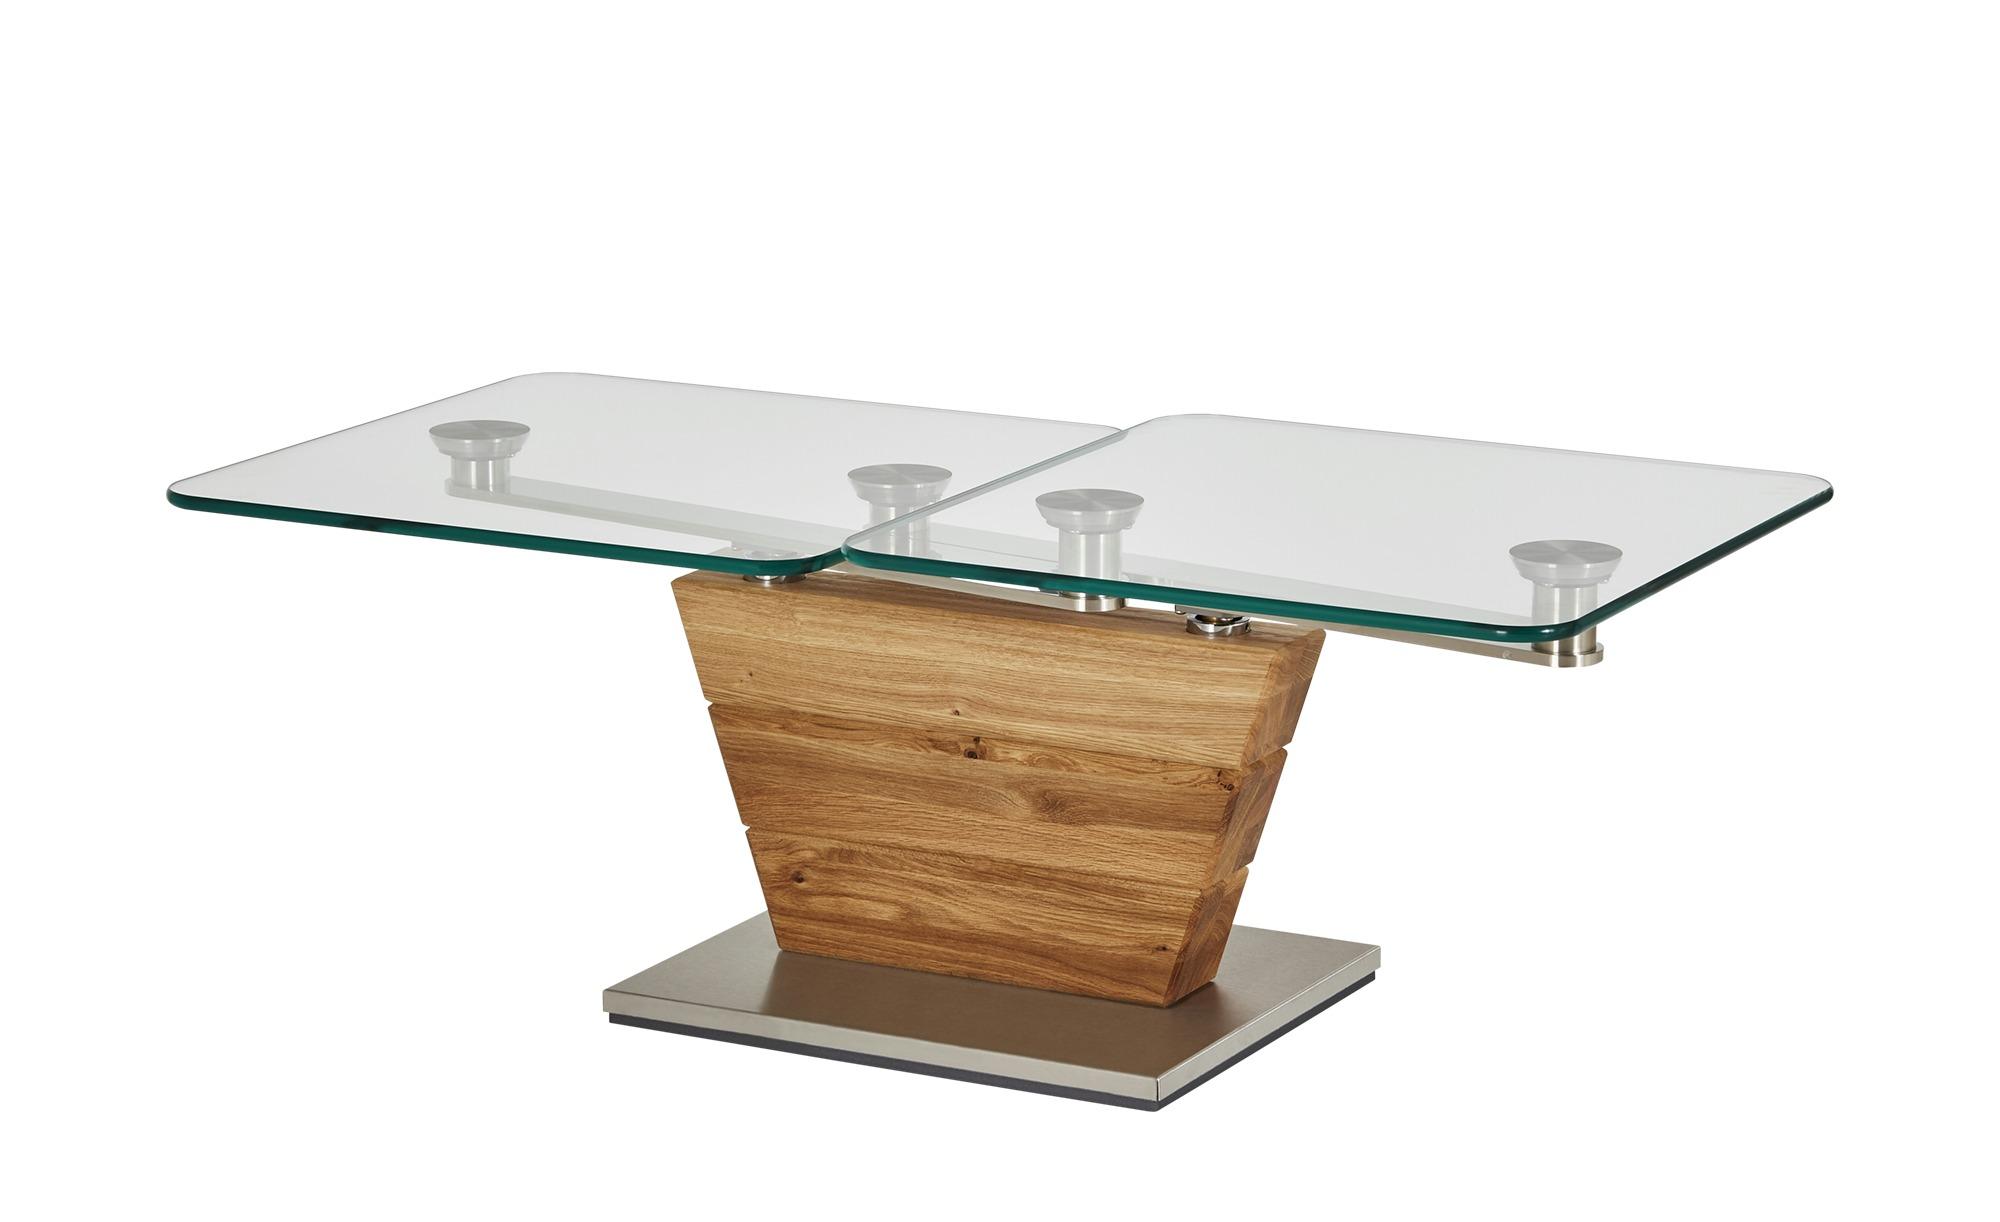 Couchtisch  Han ¦ Maße (cm): B: 120 H: 44 T: 60 Tische > Couchtische > Couchtische rechteckig - Höffner